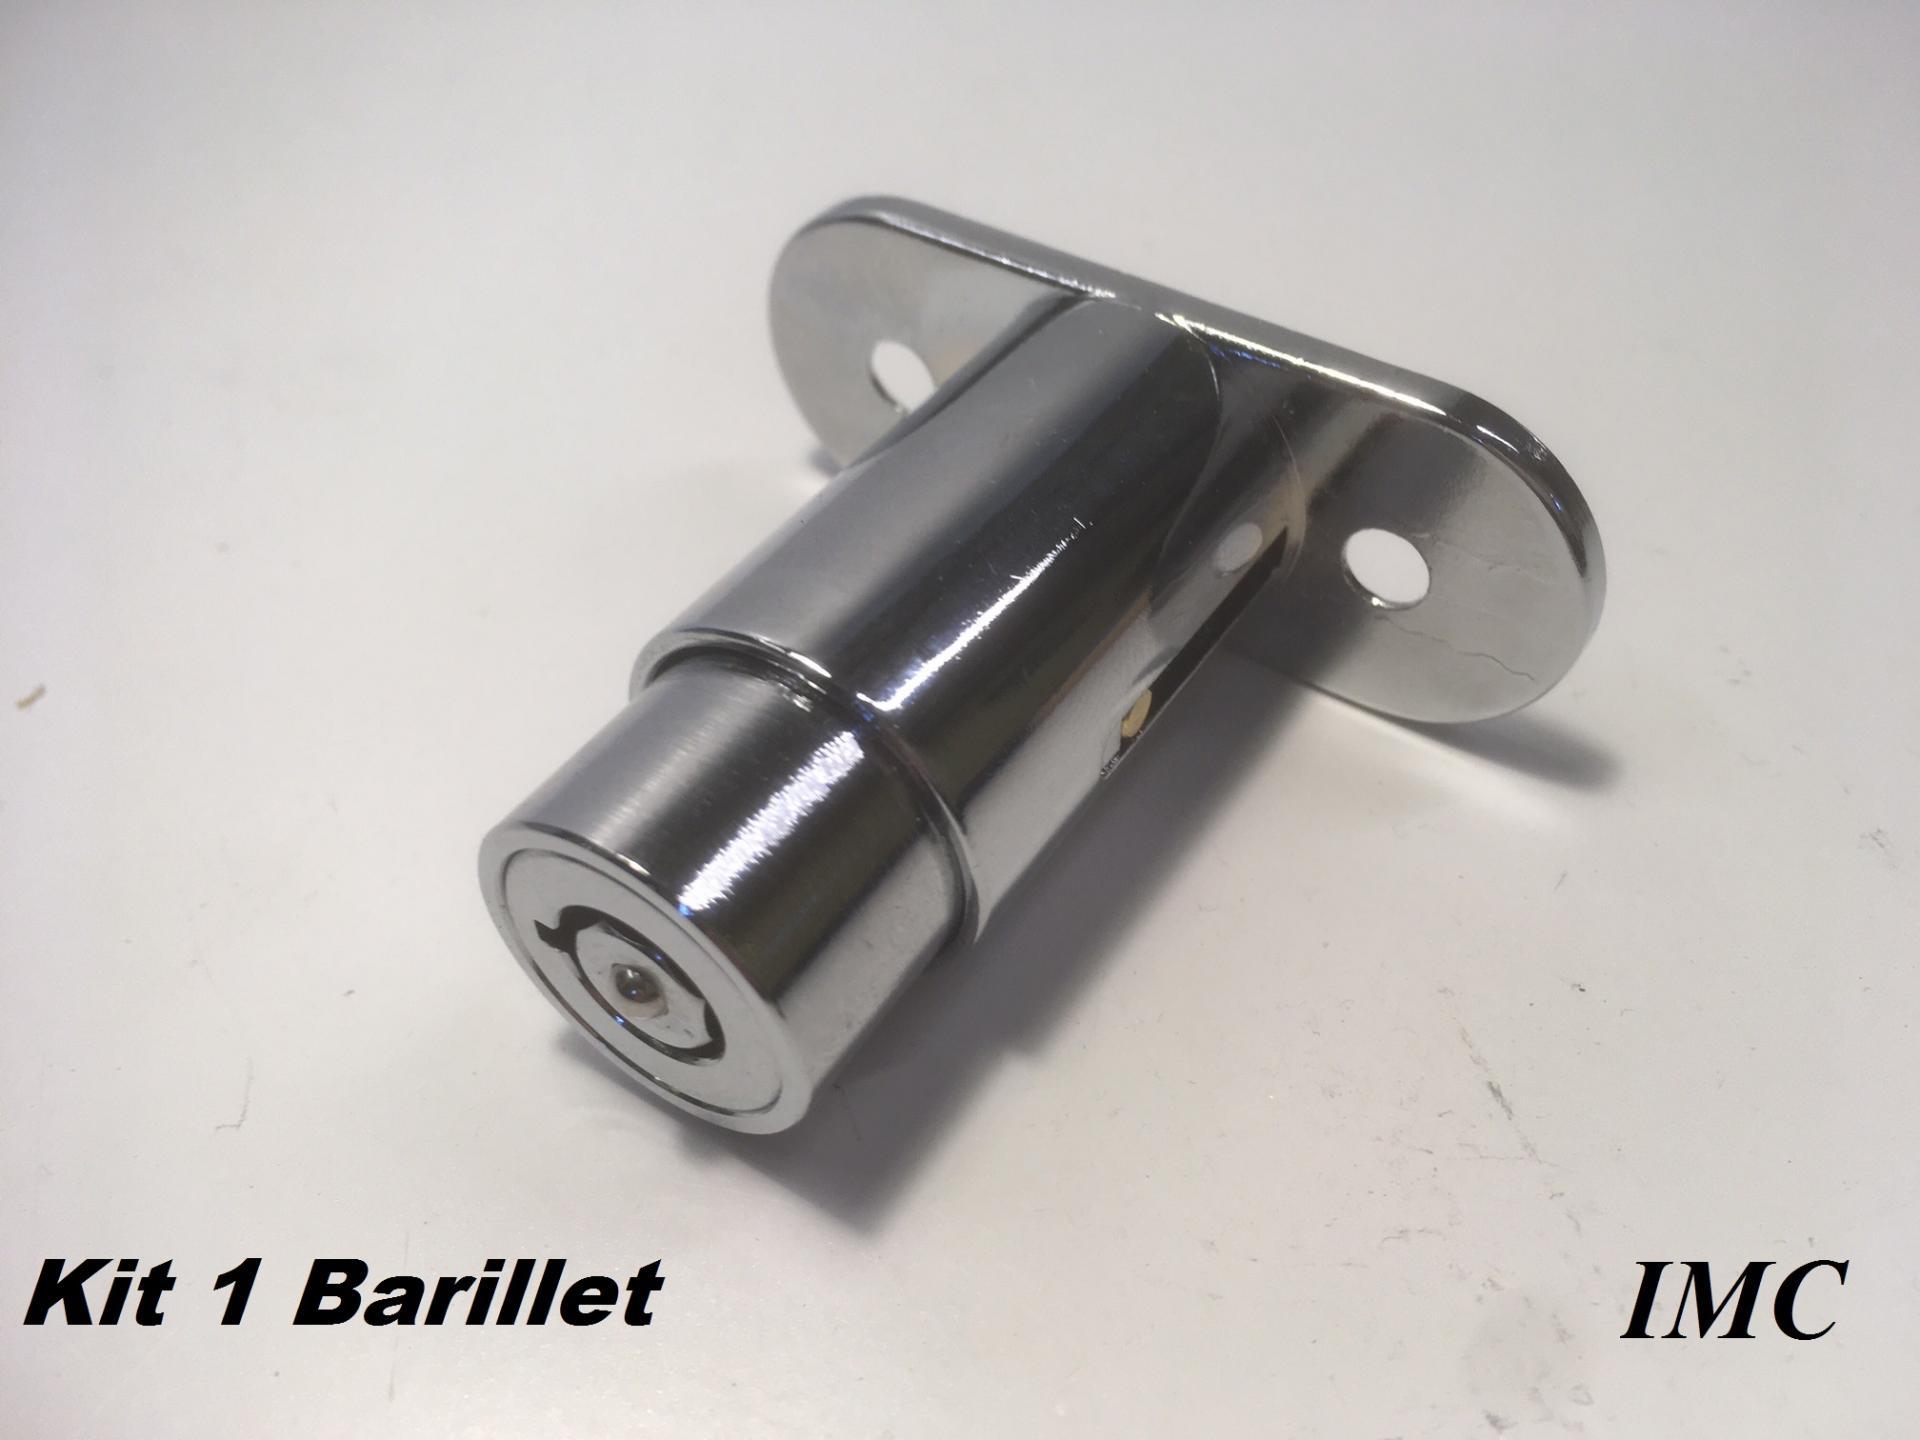 Kit de 1 cylindre barillet 1529 de rechange pour verrou imc copie